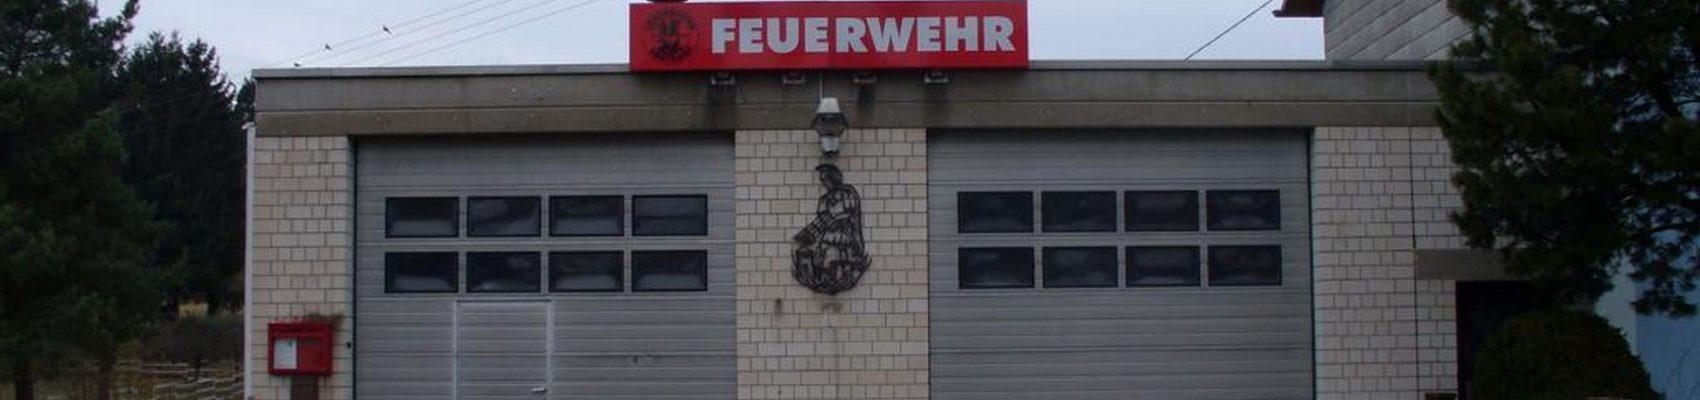 Feuerwehr Gerätehaus Brotdorf